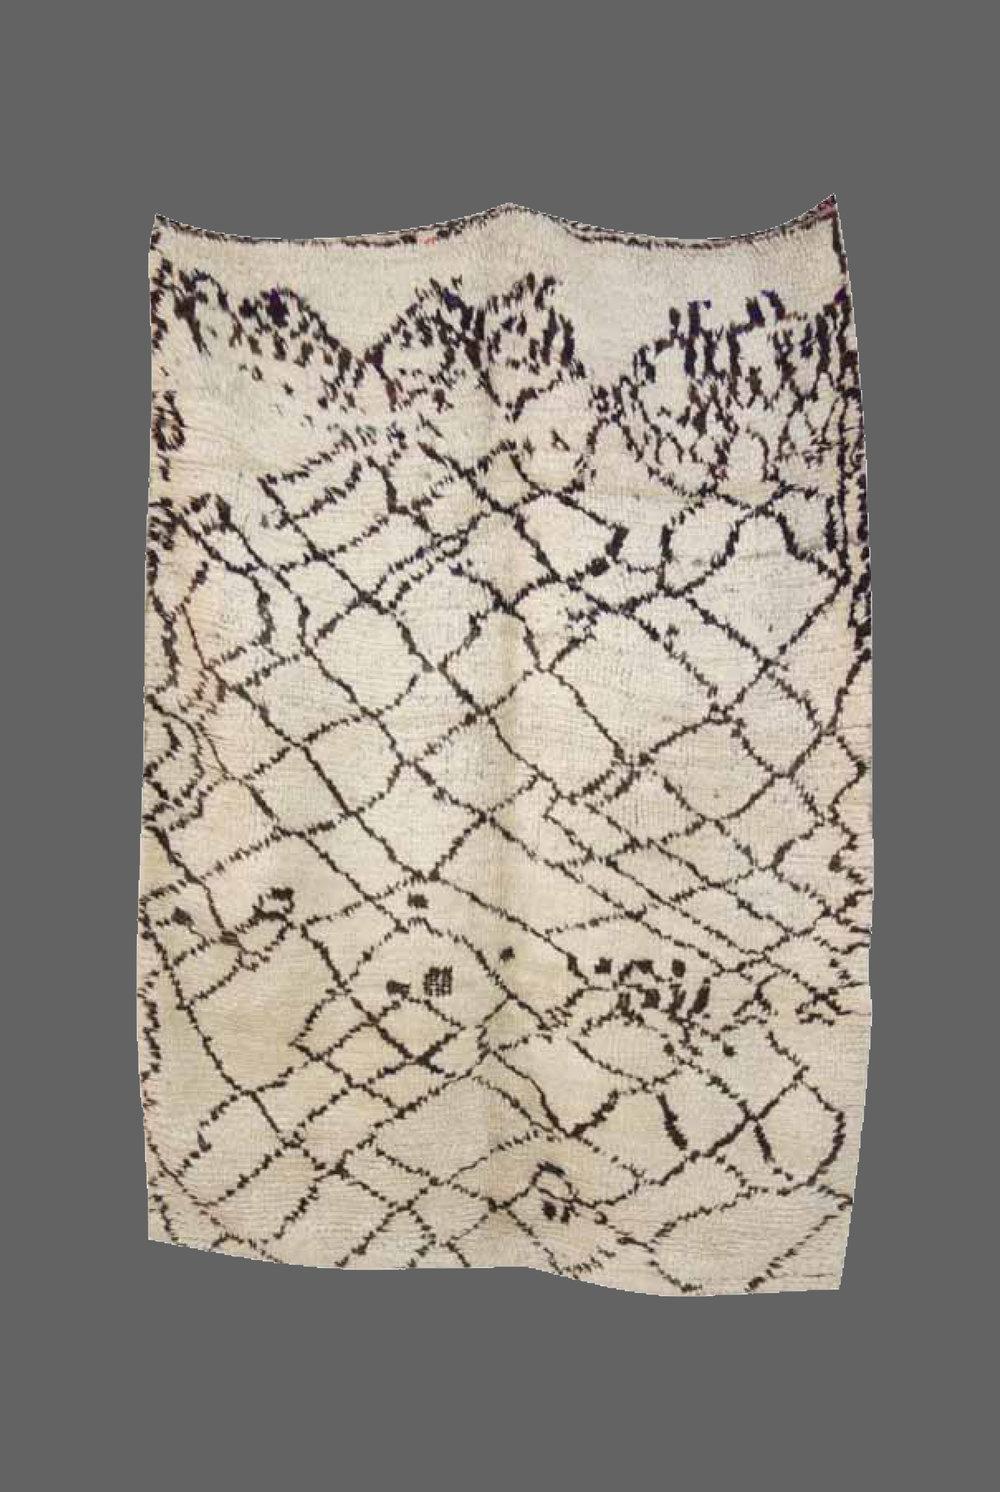 Ethnie : Azilal  Origine : Maroc , Haut Atlas  Année : 1980  Dimensions : 2,40 X 1,35  Technique : Fait main, noeuds noués  Description : très beau design, original, jeu de noir et de marron foncé  Référence : AZL 004  Prix : 1000€